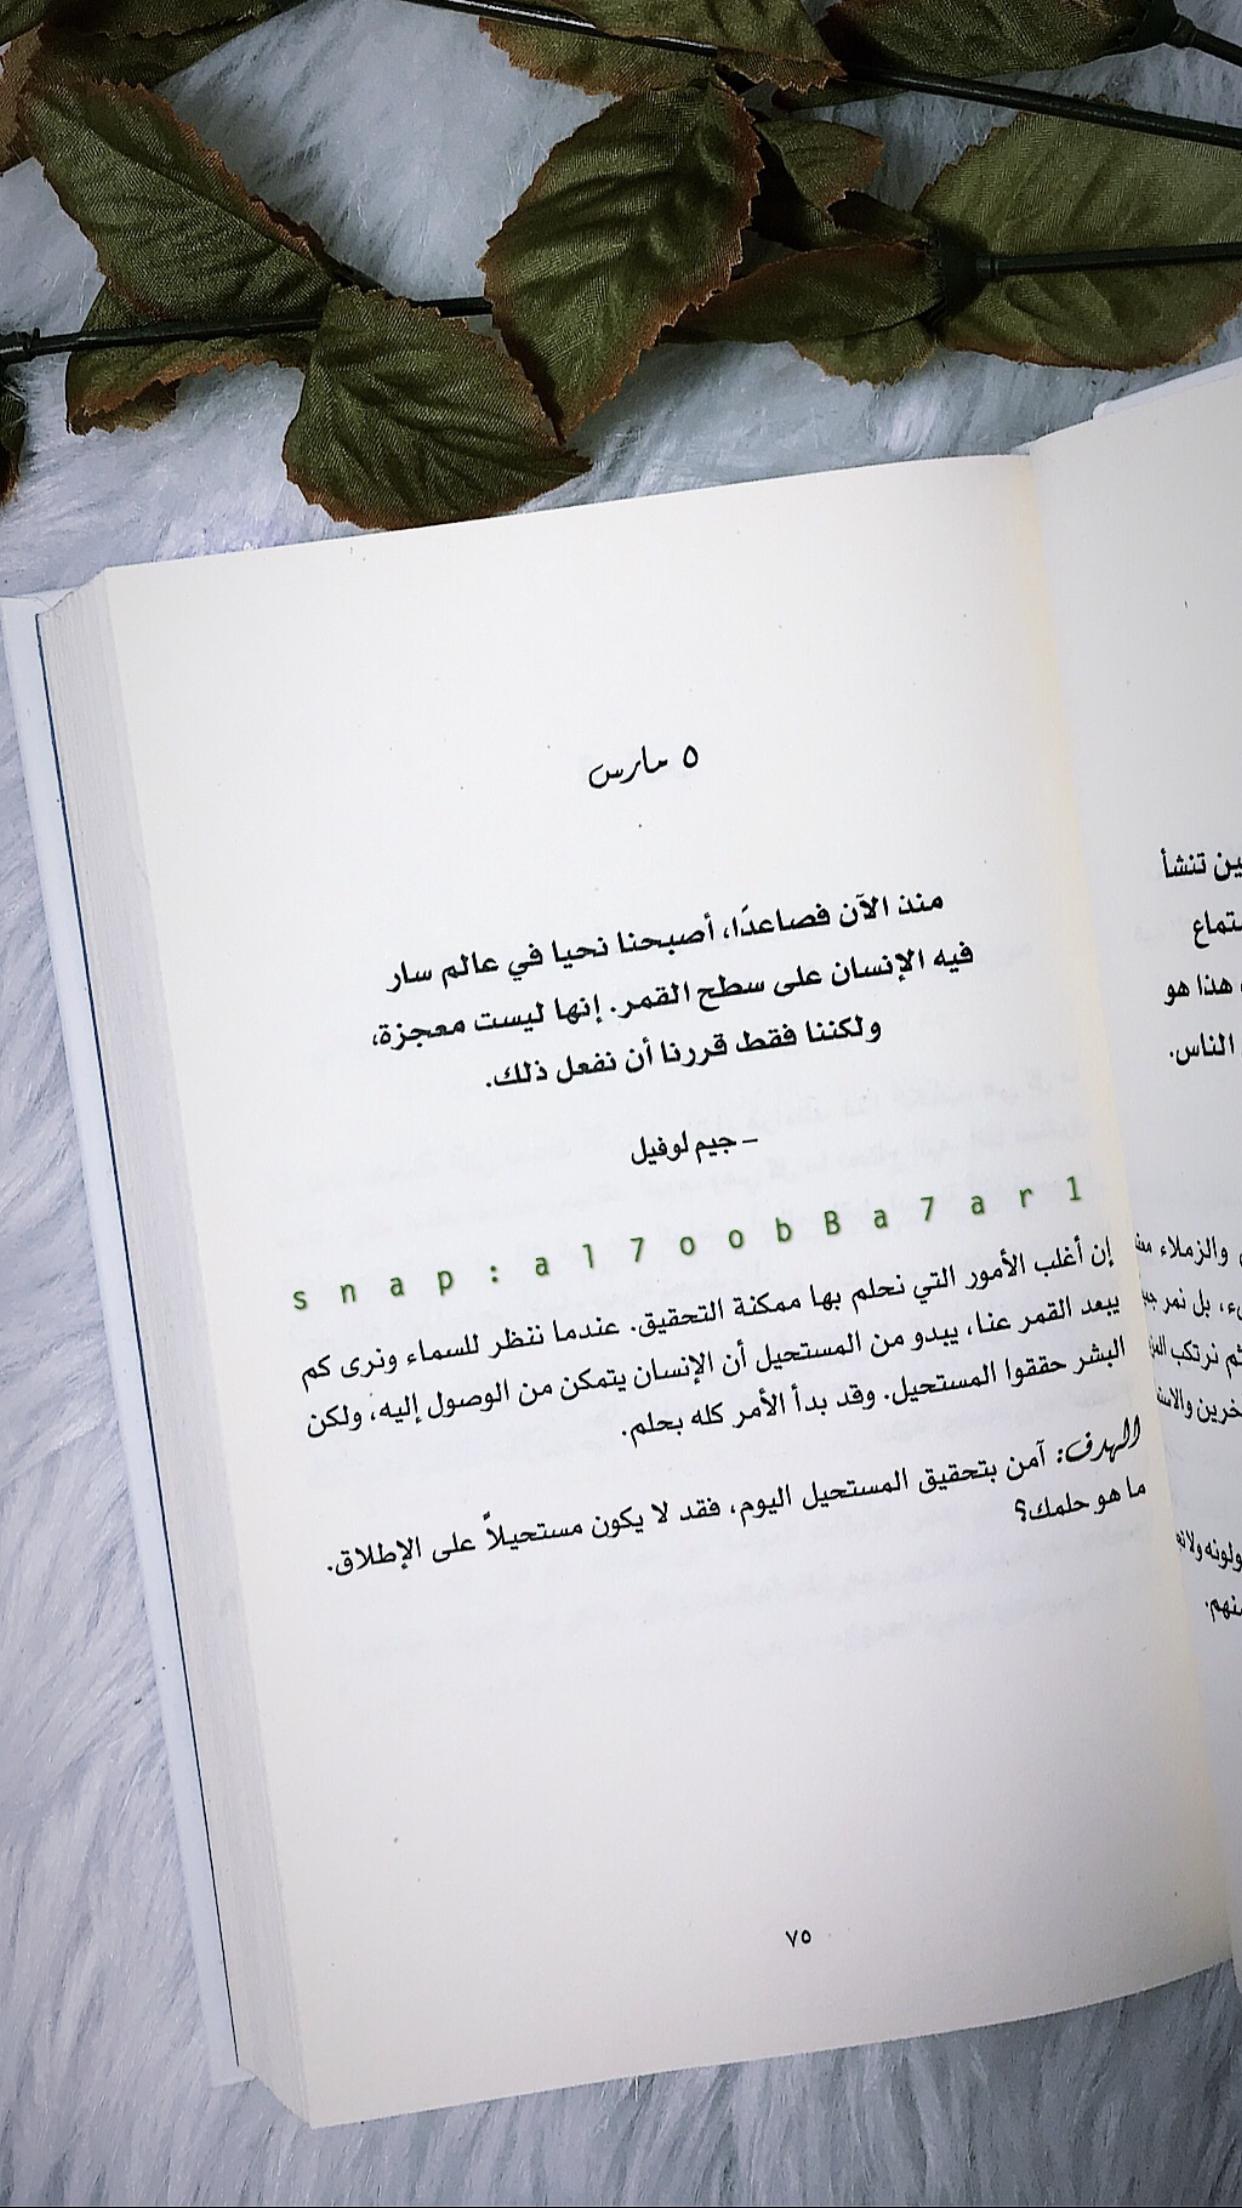 كل الأمور المستحيله تبدأ بـ الحلم آمن بـ تحقيق حلمك المستحيل فـ قد لا يكون مستحيل ا 5 مارس مارس Eid Stickers Quotes Arabic Quotes